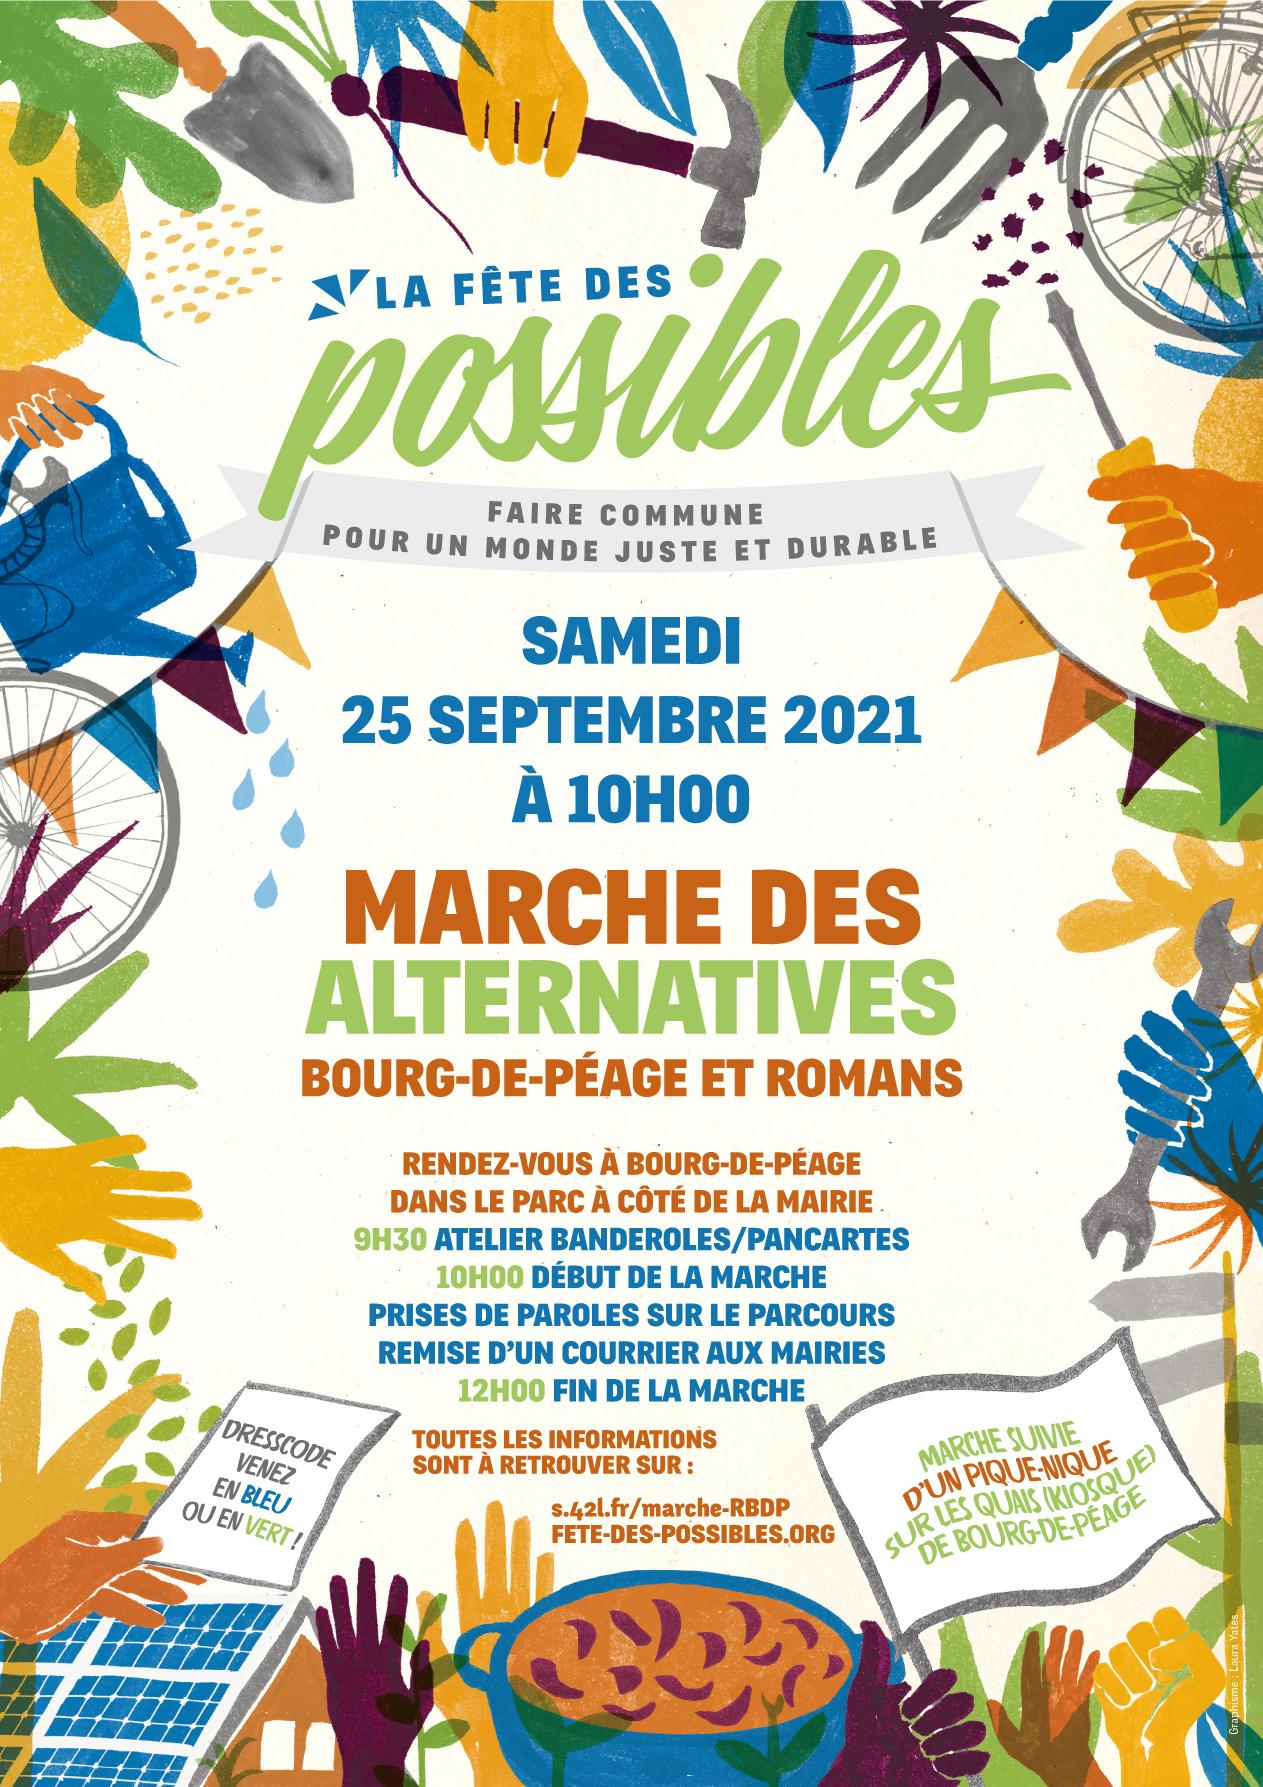 Marche des alternatives à Bourg-de-péage et Romans/Isère